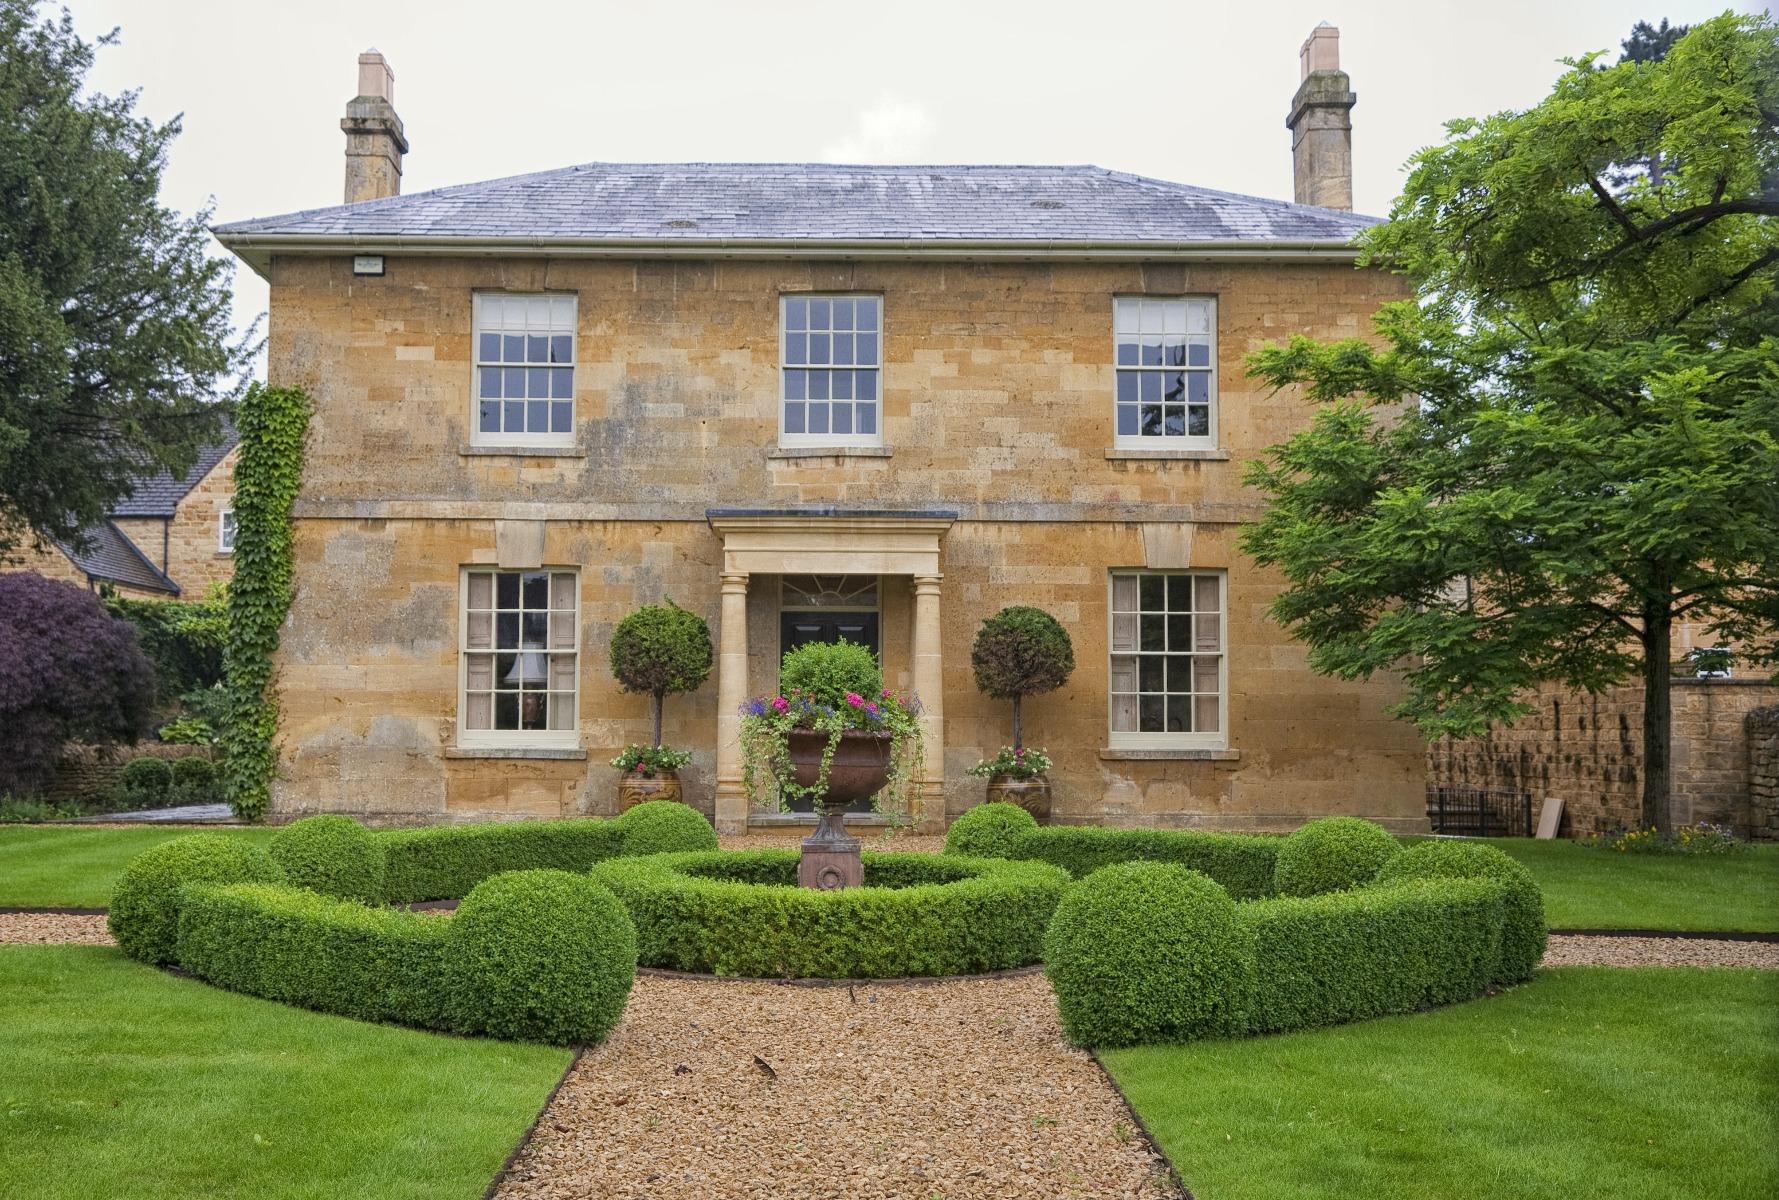 Das Bild zeigt ein englisches Landhaus.